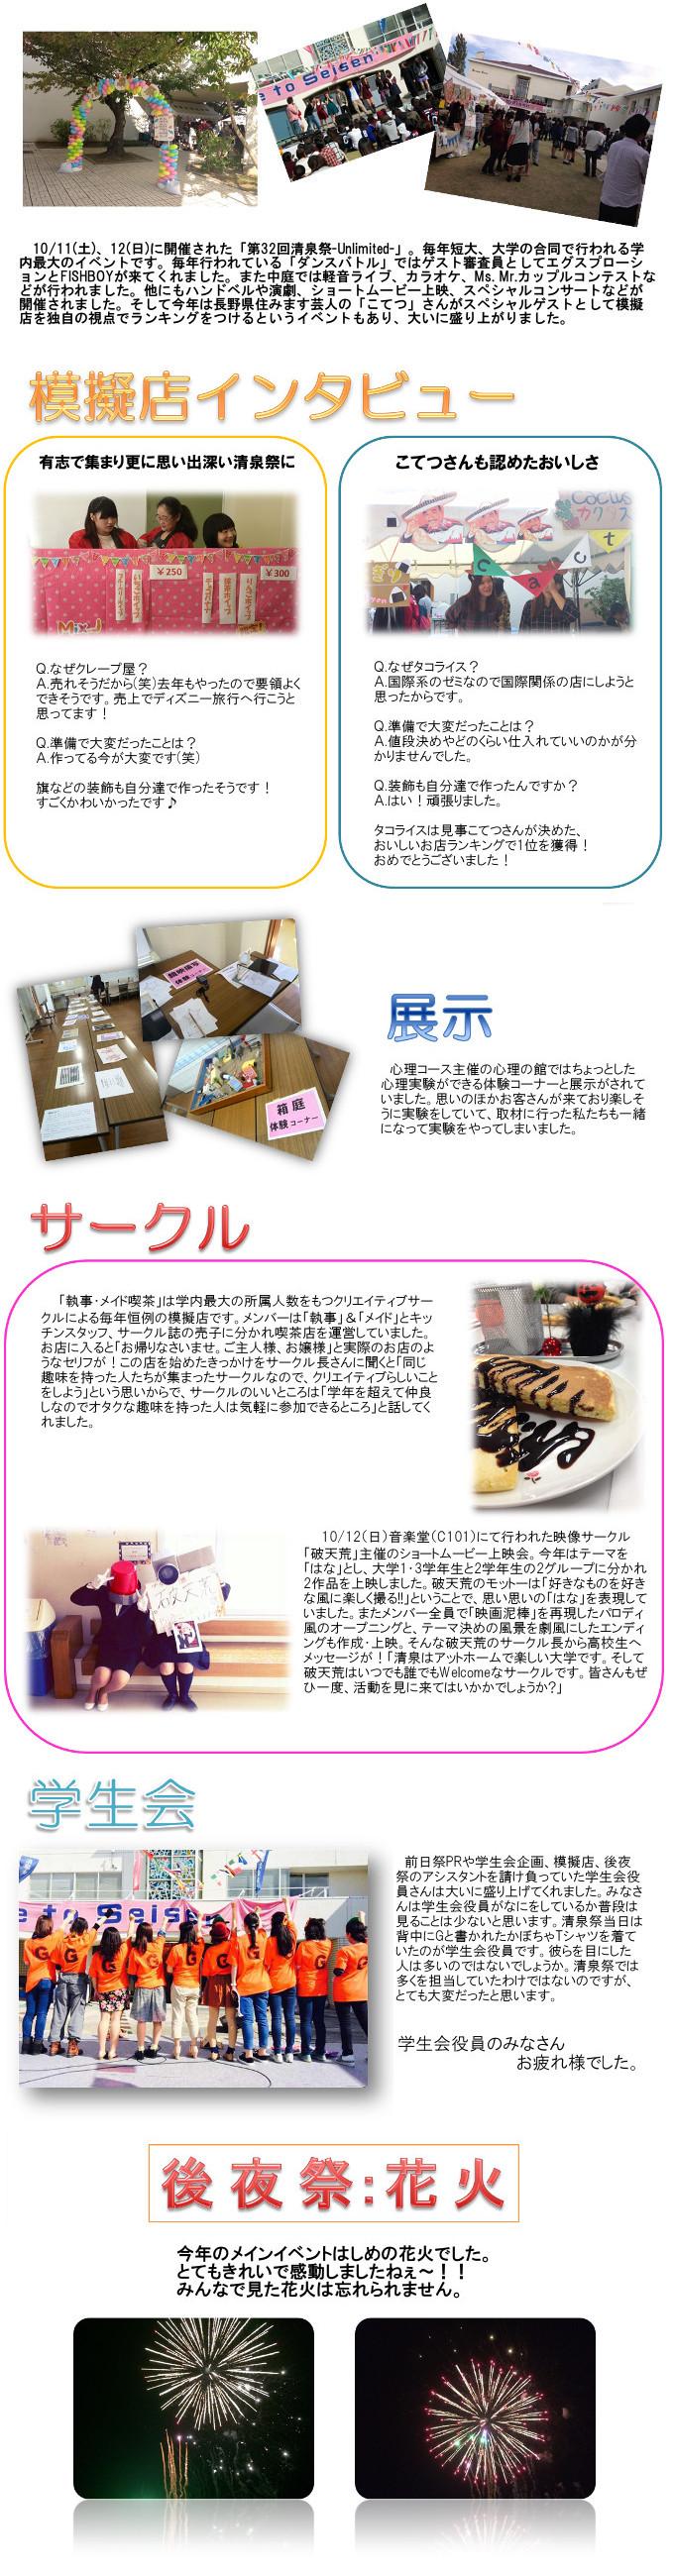 2014清泉祭(学生記者)